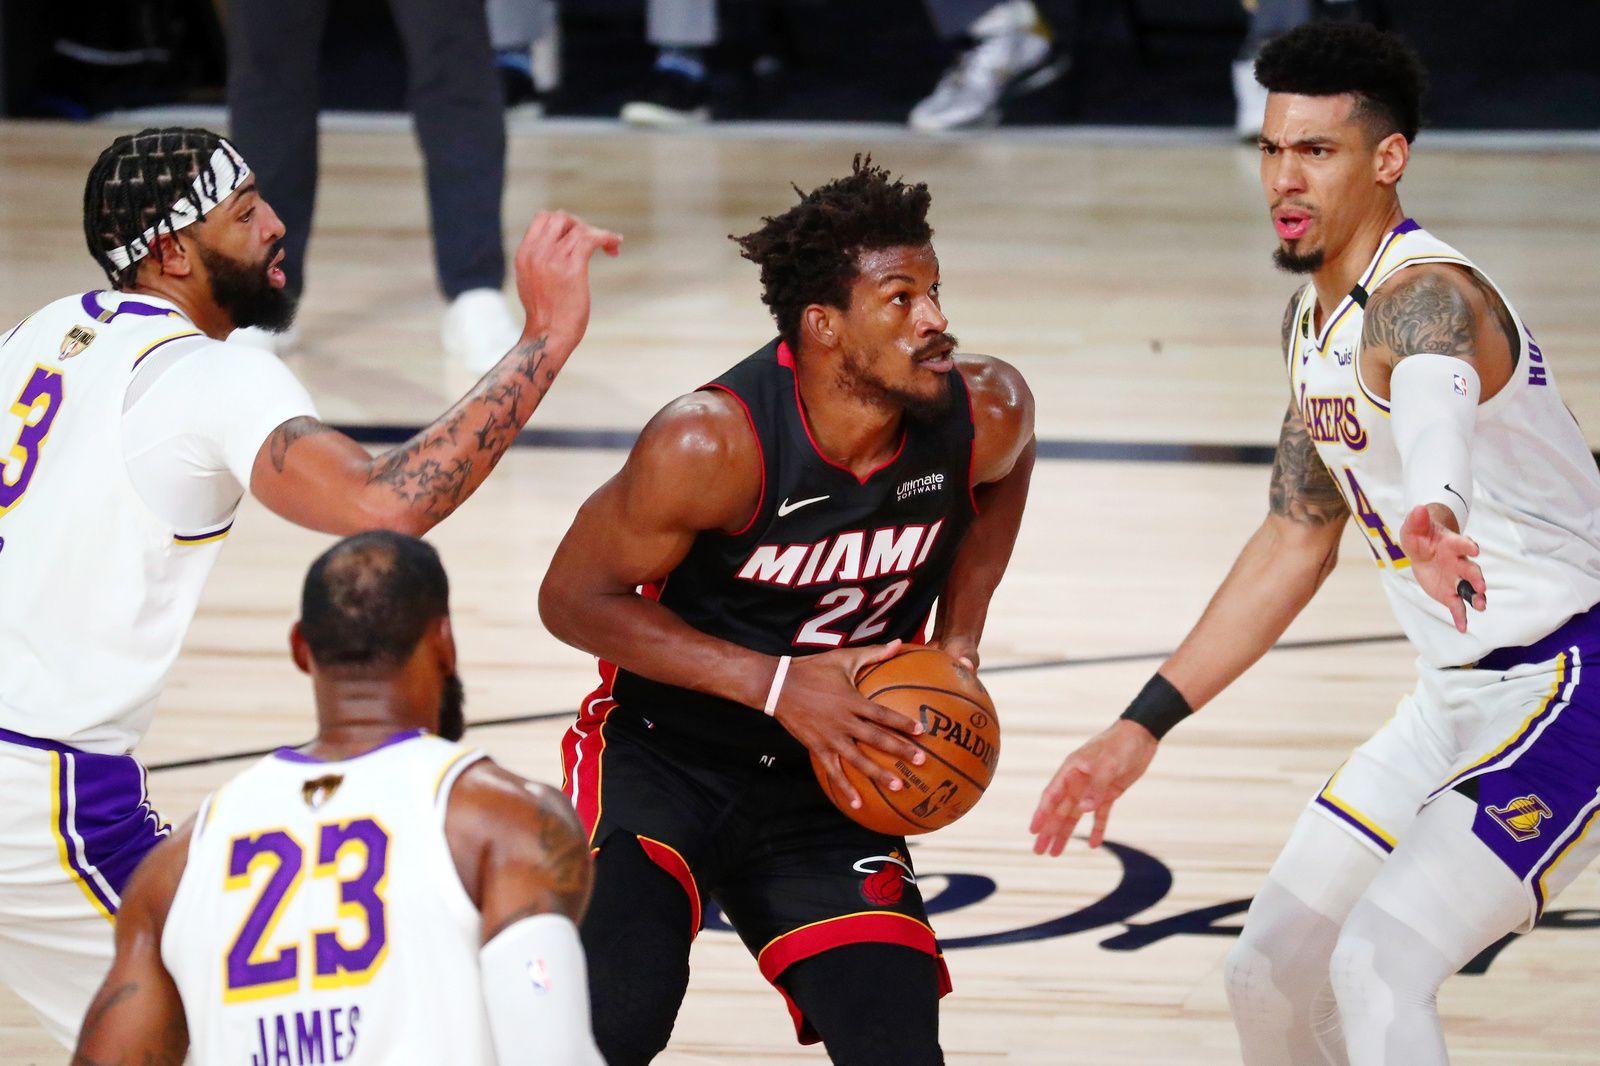 Auteur d'un triple-double, Jimmy Butler a été le grand artisan de la victoire de Miami dimanche. (K. Klement/USA Today Sports/Reuters)